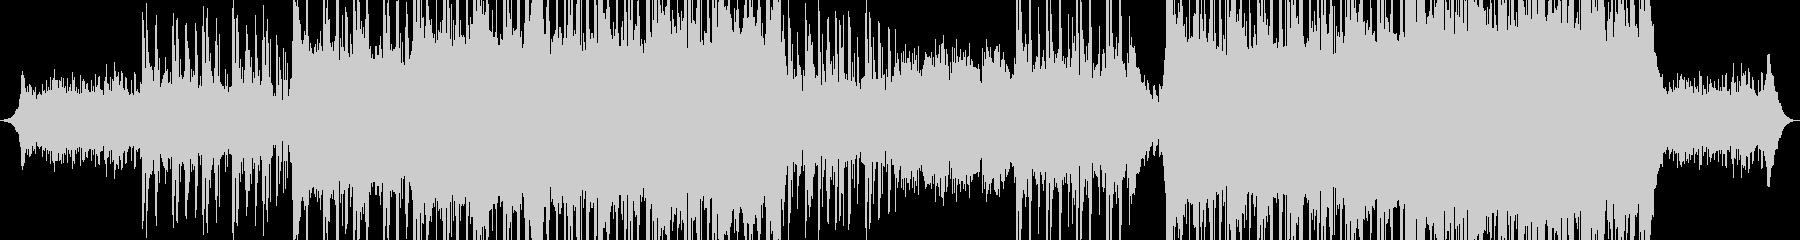 現代の交響曲 広い 壮大 素晴らし...の未再生の波形